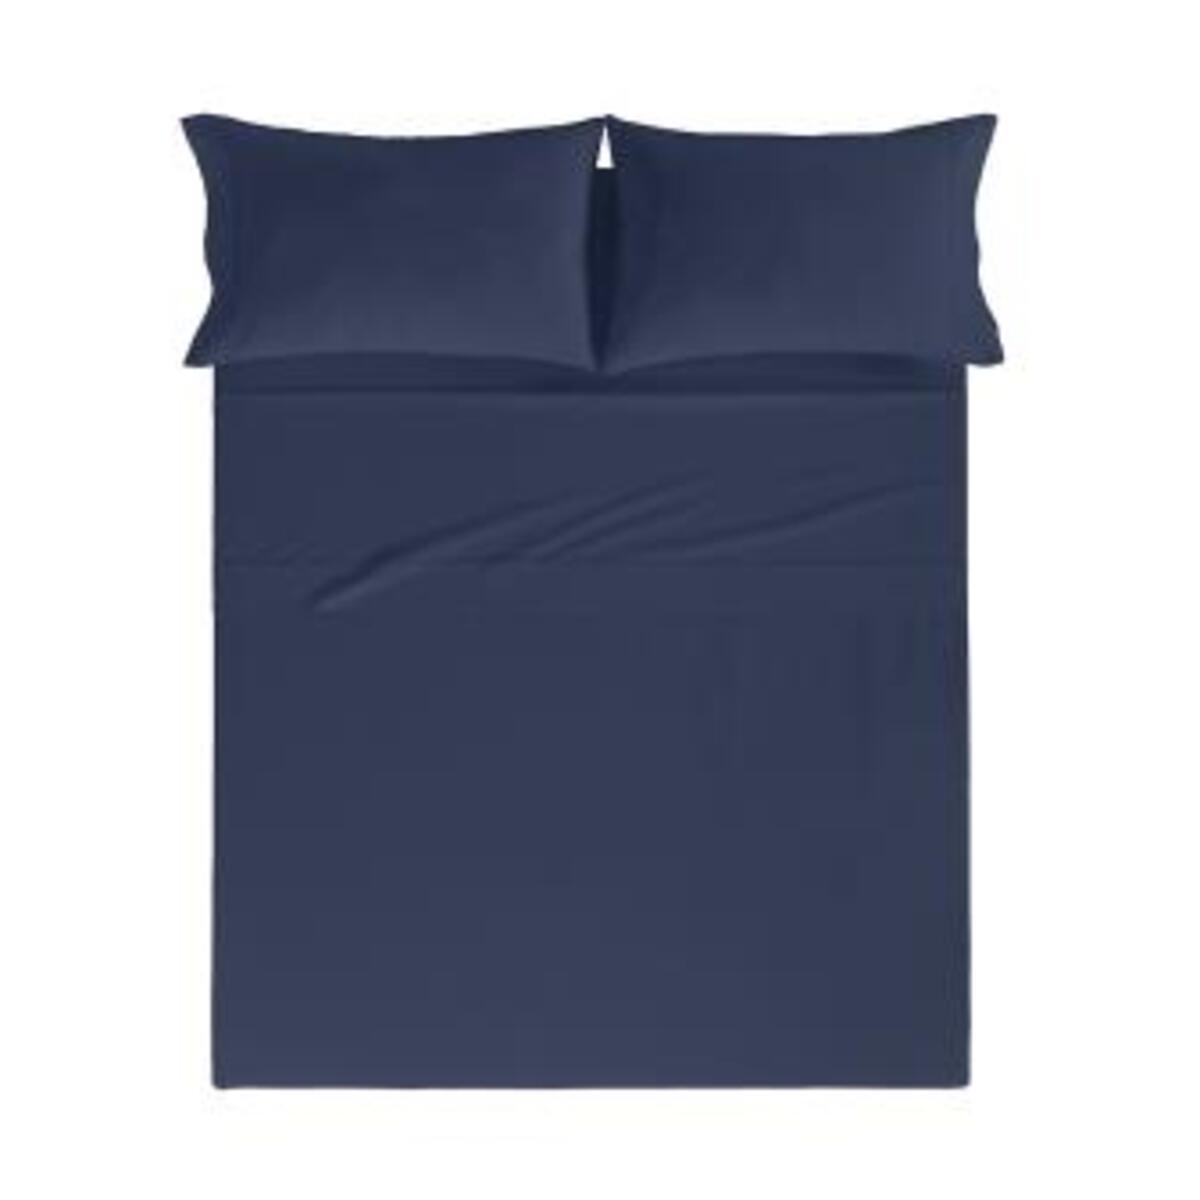 Drap de lit en coton percale marine 160x280